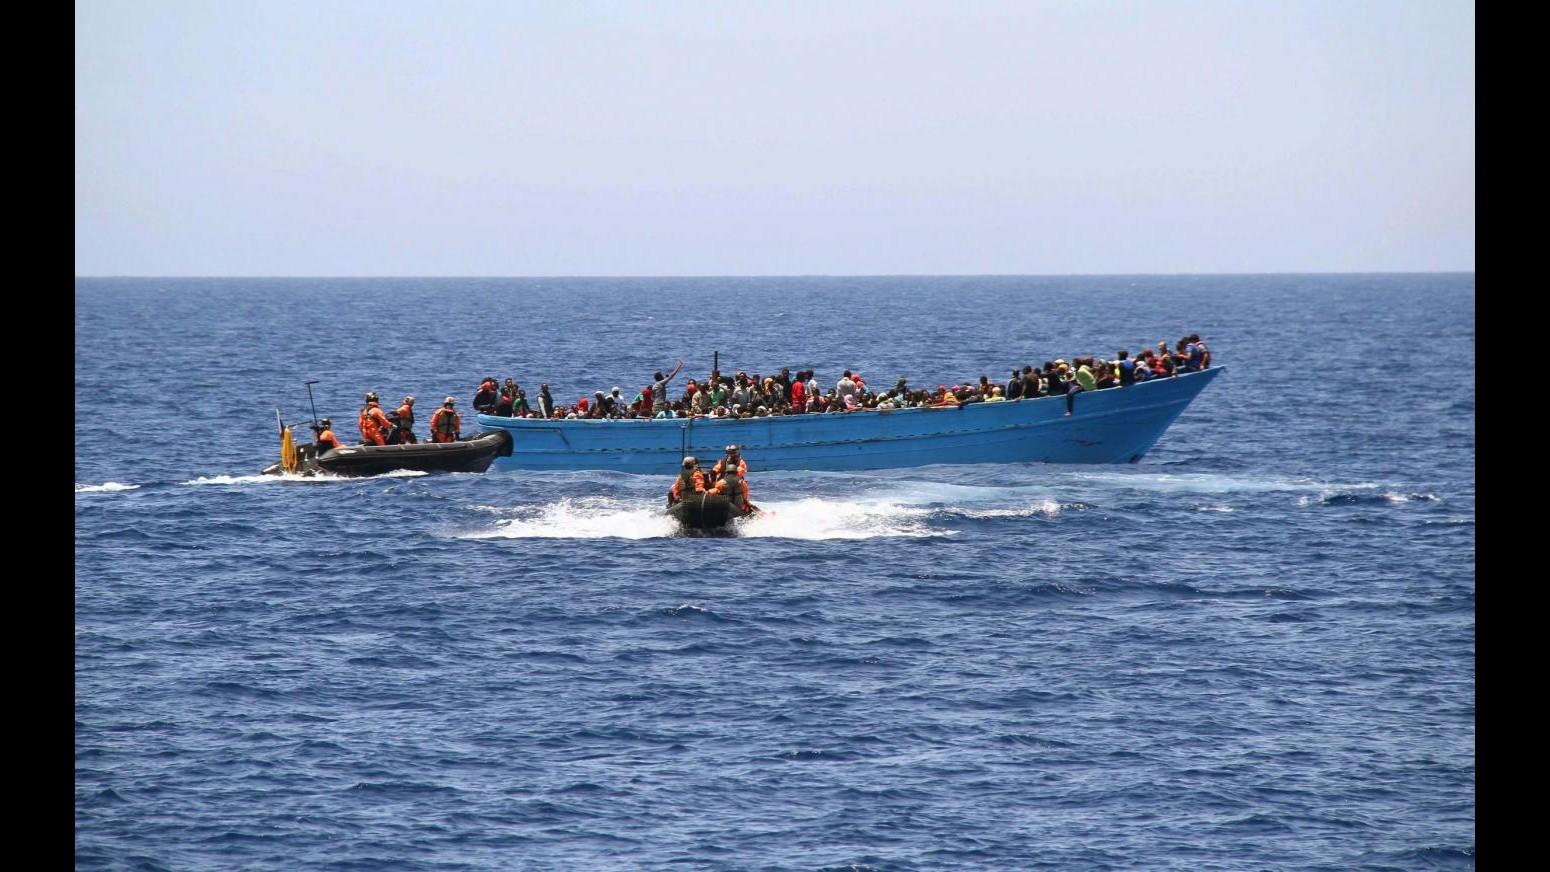 Marina militare: soccorsi oltre 900 migranti in 2 diversi interventi